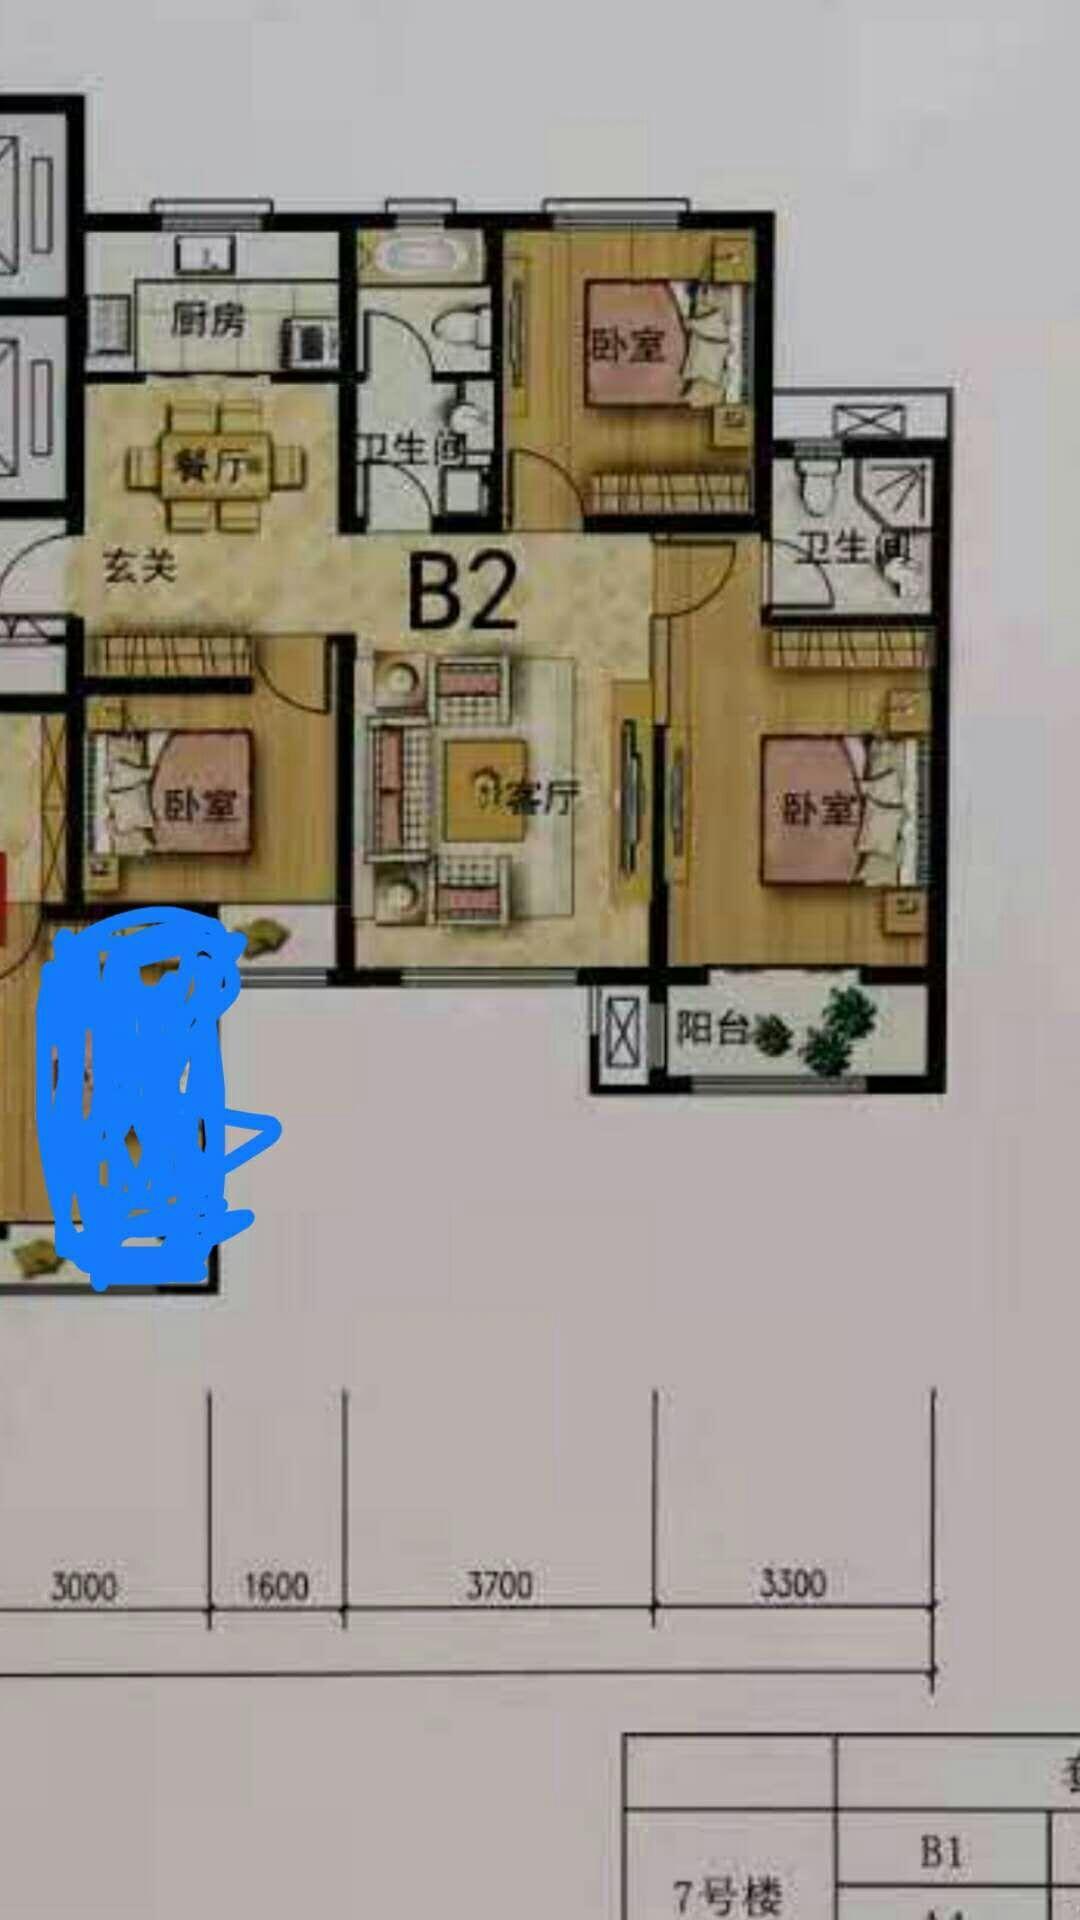 三室两厅两卫如何做隔断,便于出租